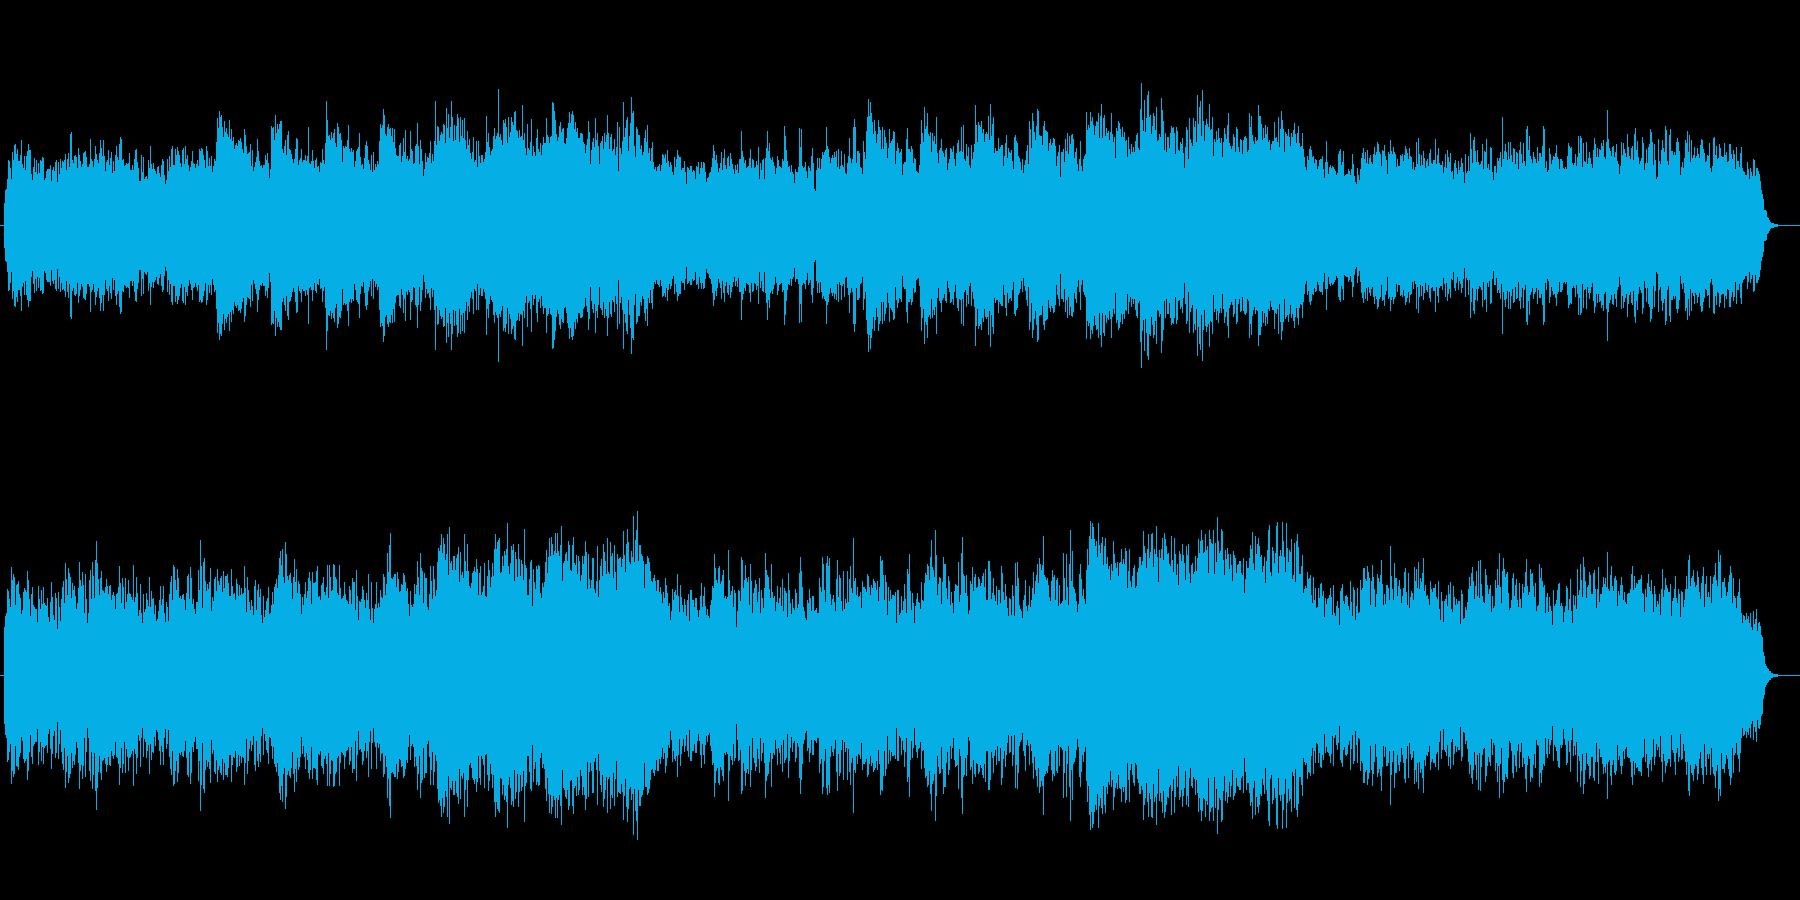 楽しい元気な気持ちになれる音楽の再生済みの波形